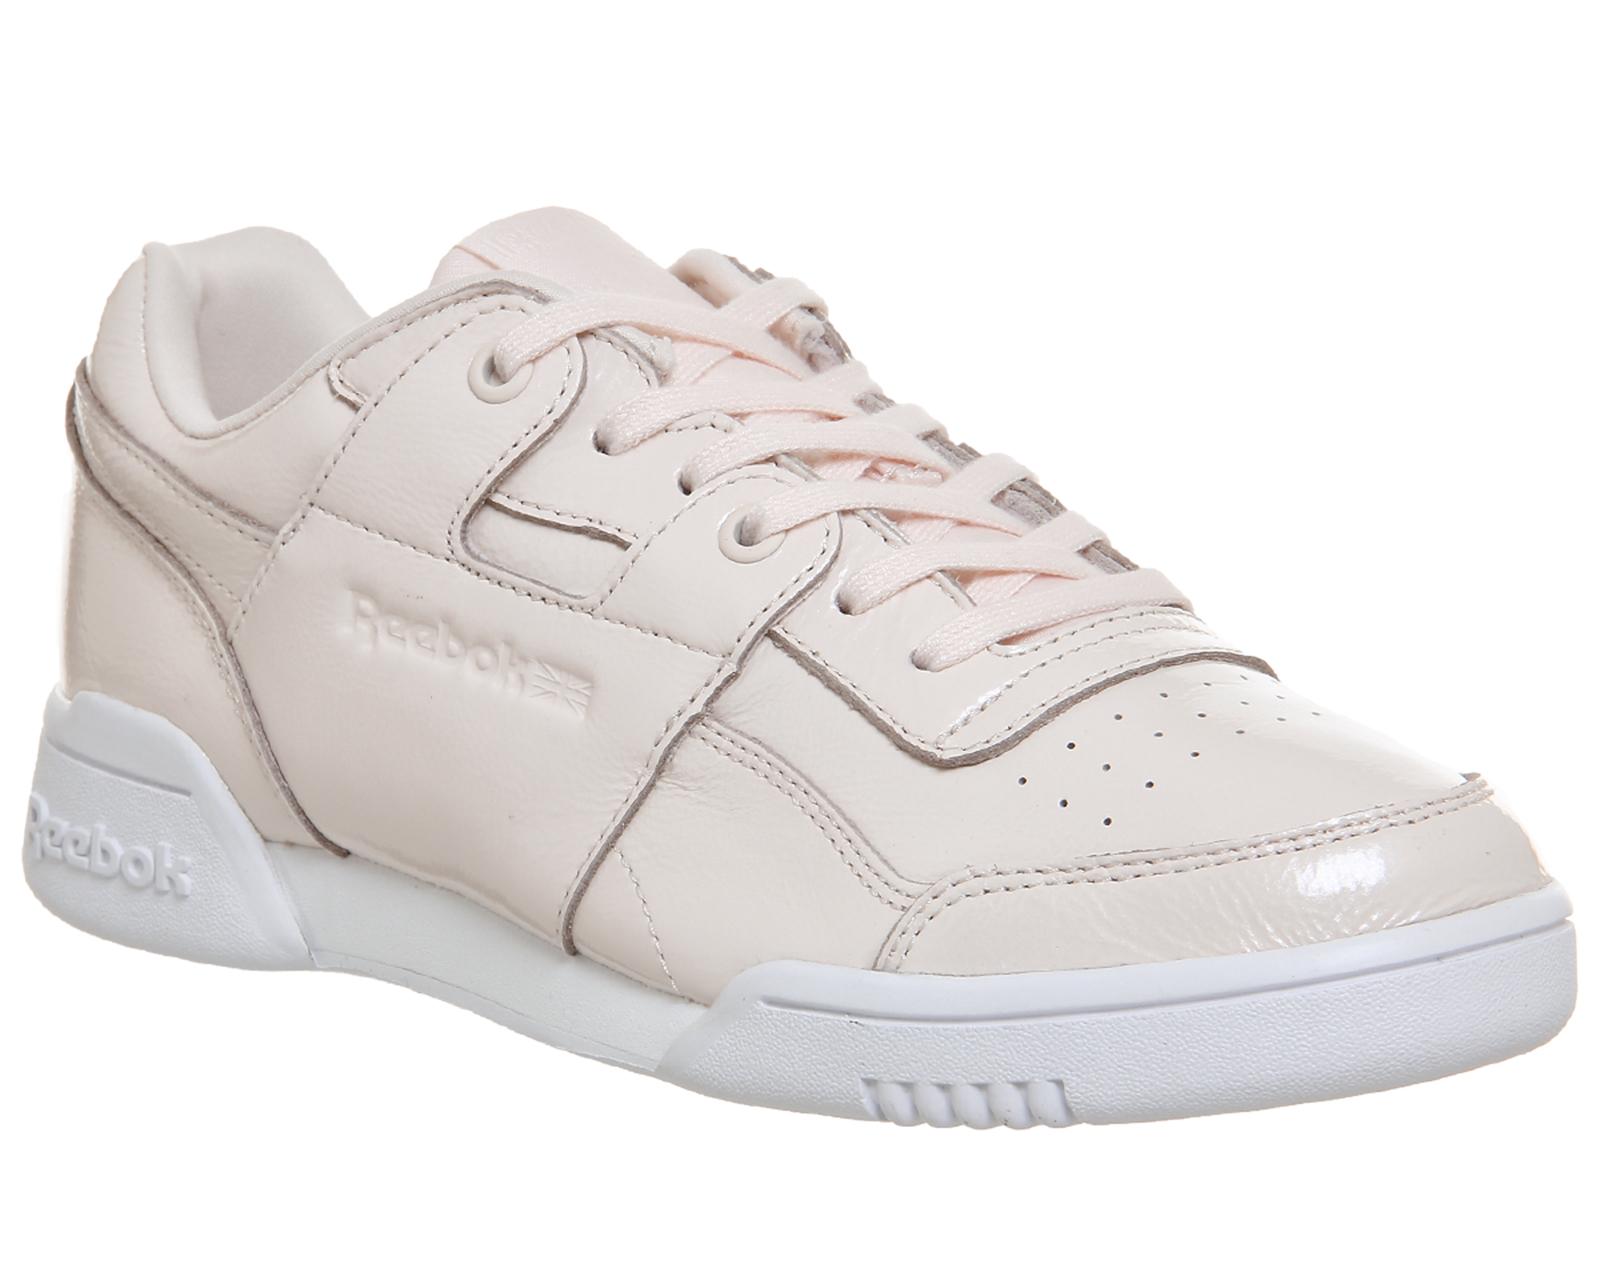 SENTINEL Allenamento Reebok Womens Plus scarpe istruttori formatori  iridescente rosa pallido. SENTINEL Anteprima 2